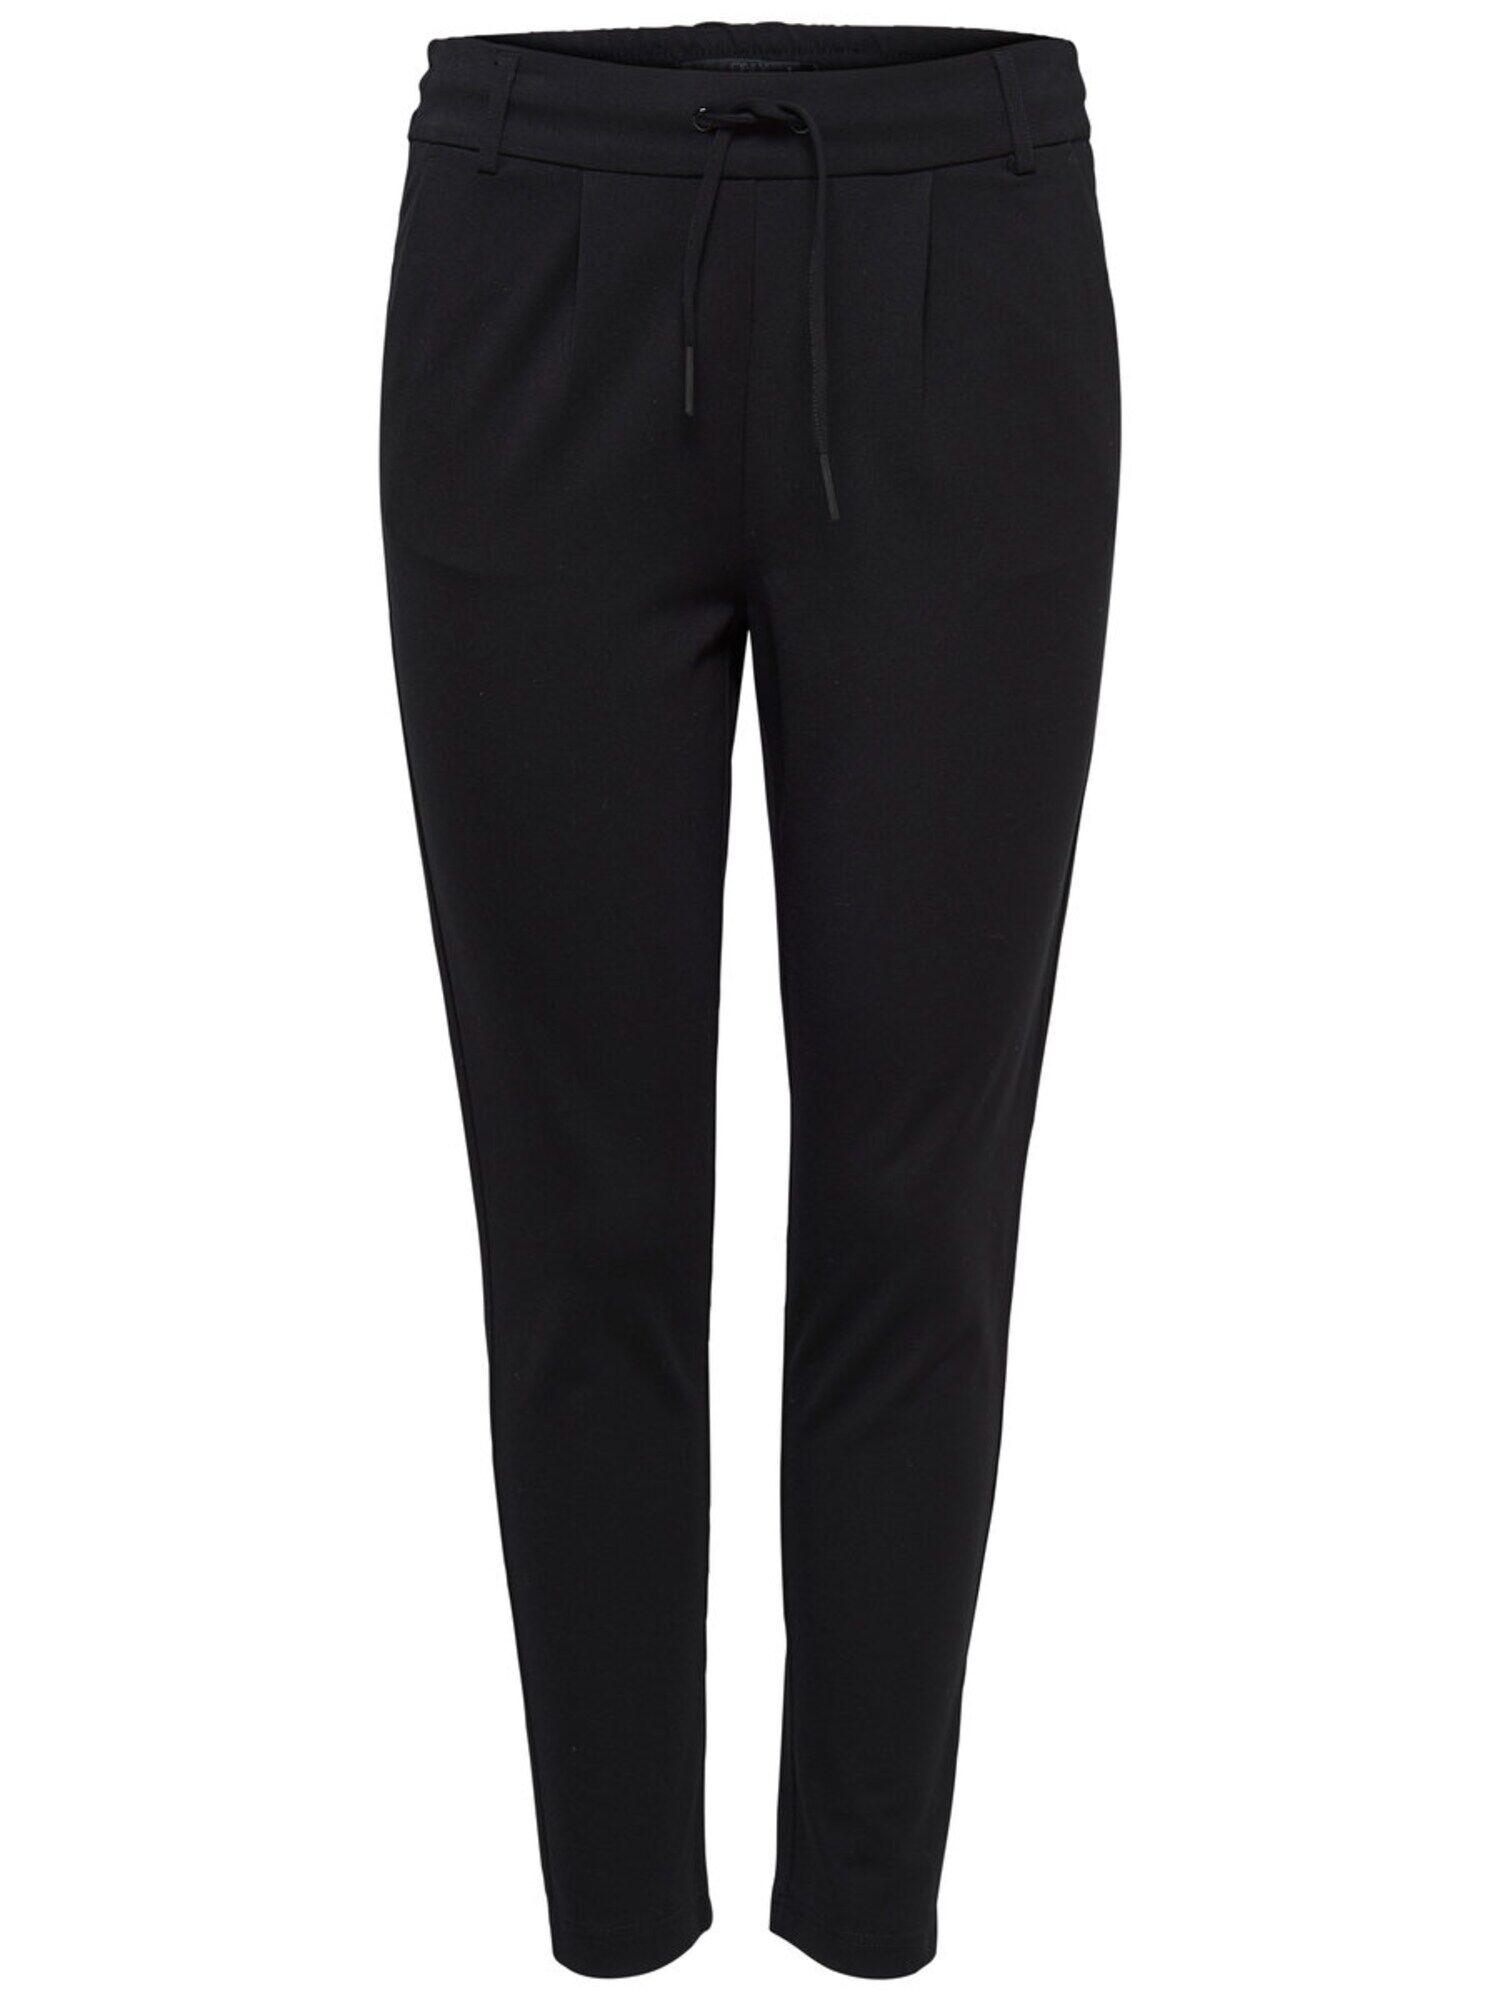 ONLY Pantalon à pince  - Noir - Taille: L - female